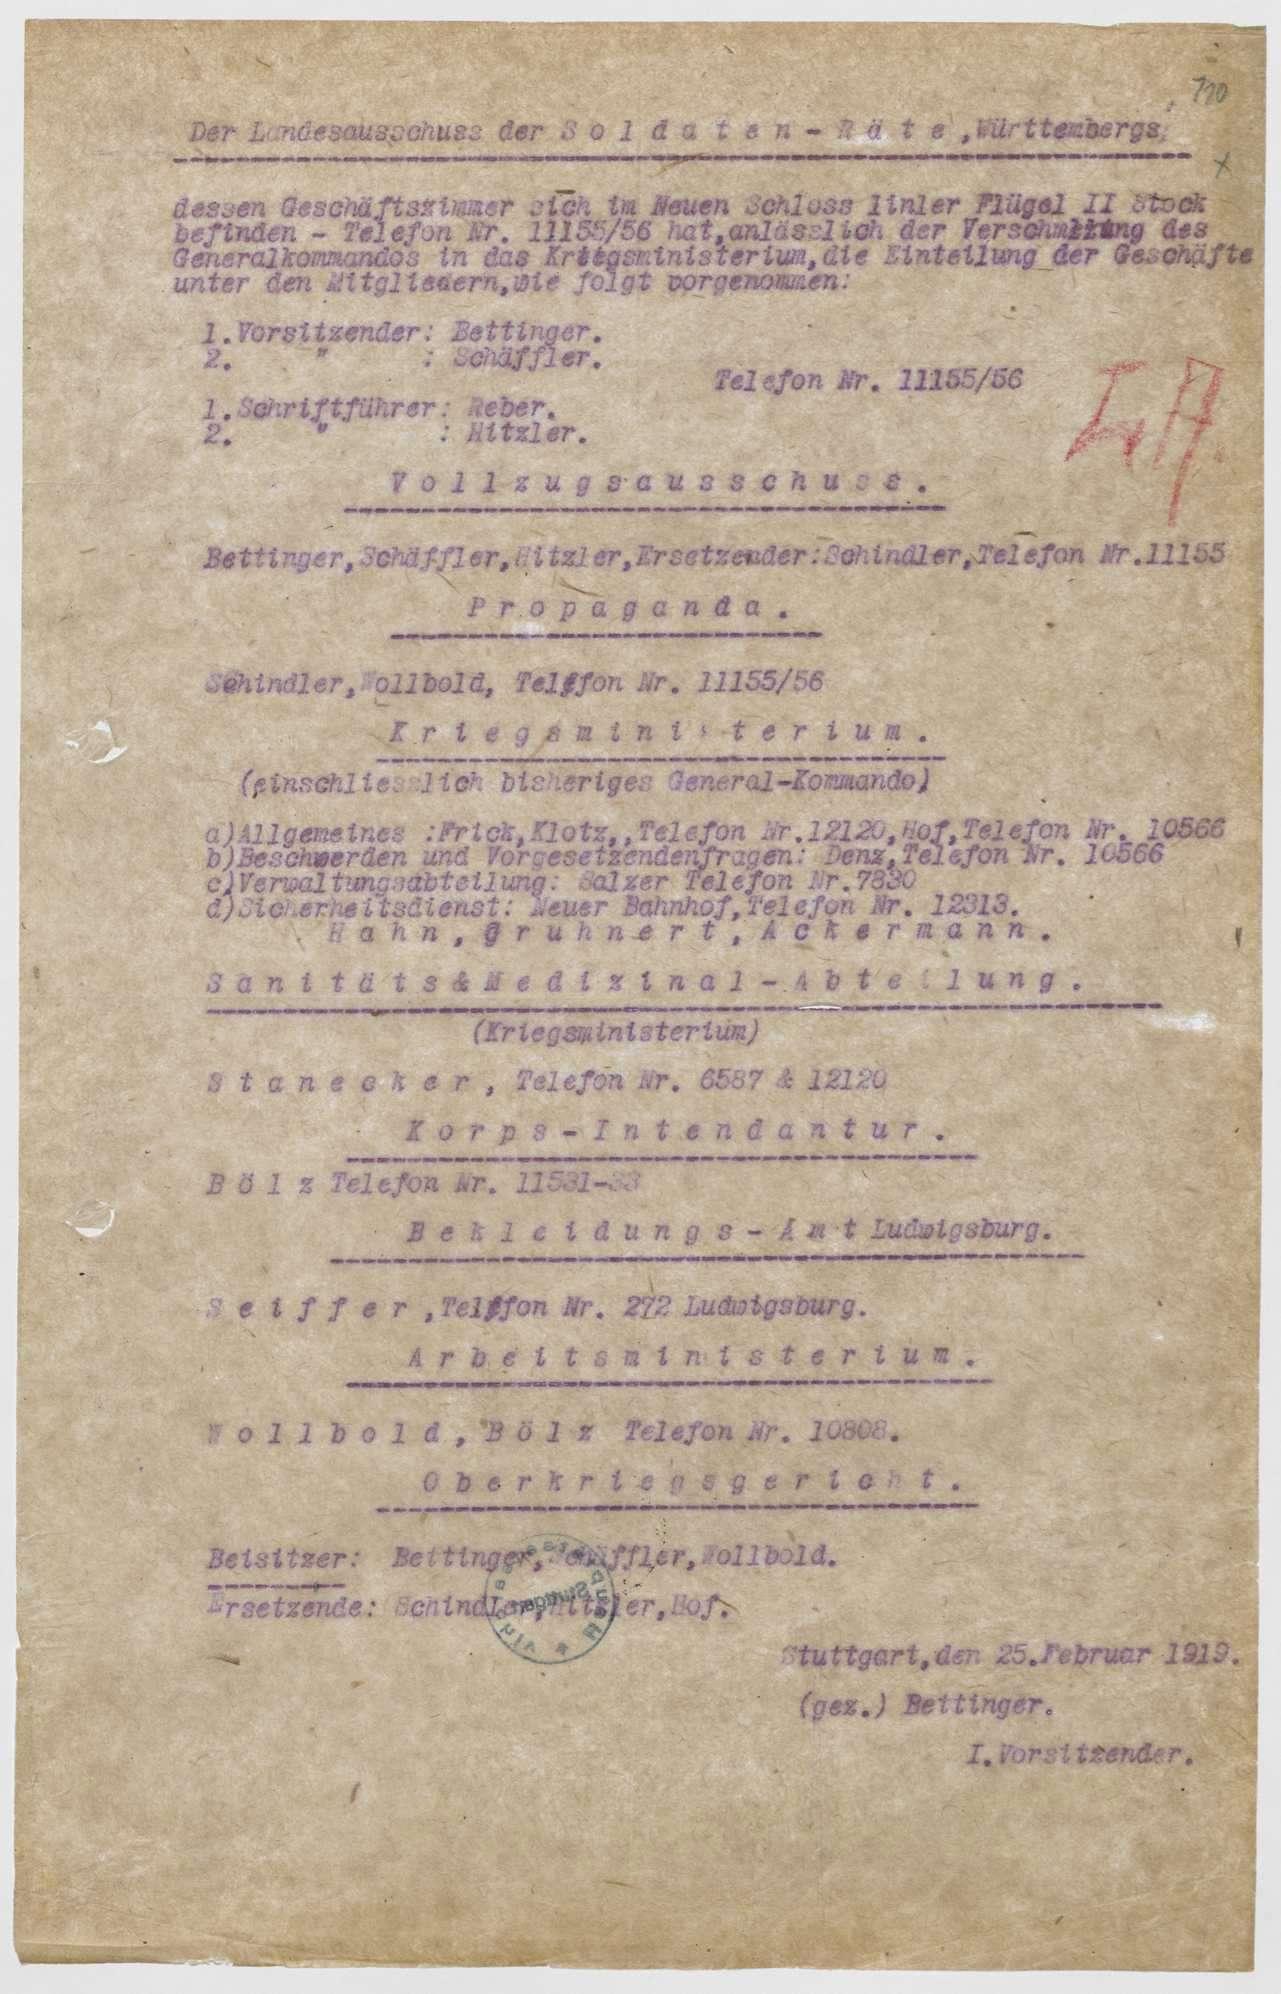 Zusammensetzung und Geschäftsverteilung des Landesausschusses, Vorschlag mehrerer Garnisonen zur Erweiterung des Landesausschusses, Bild 3